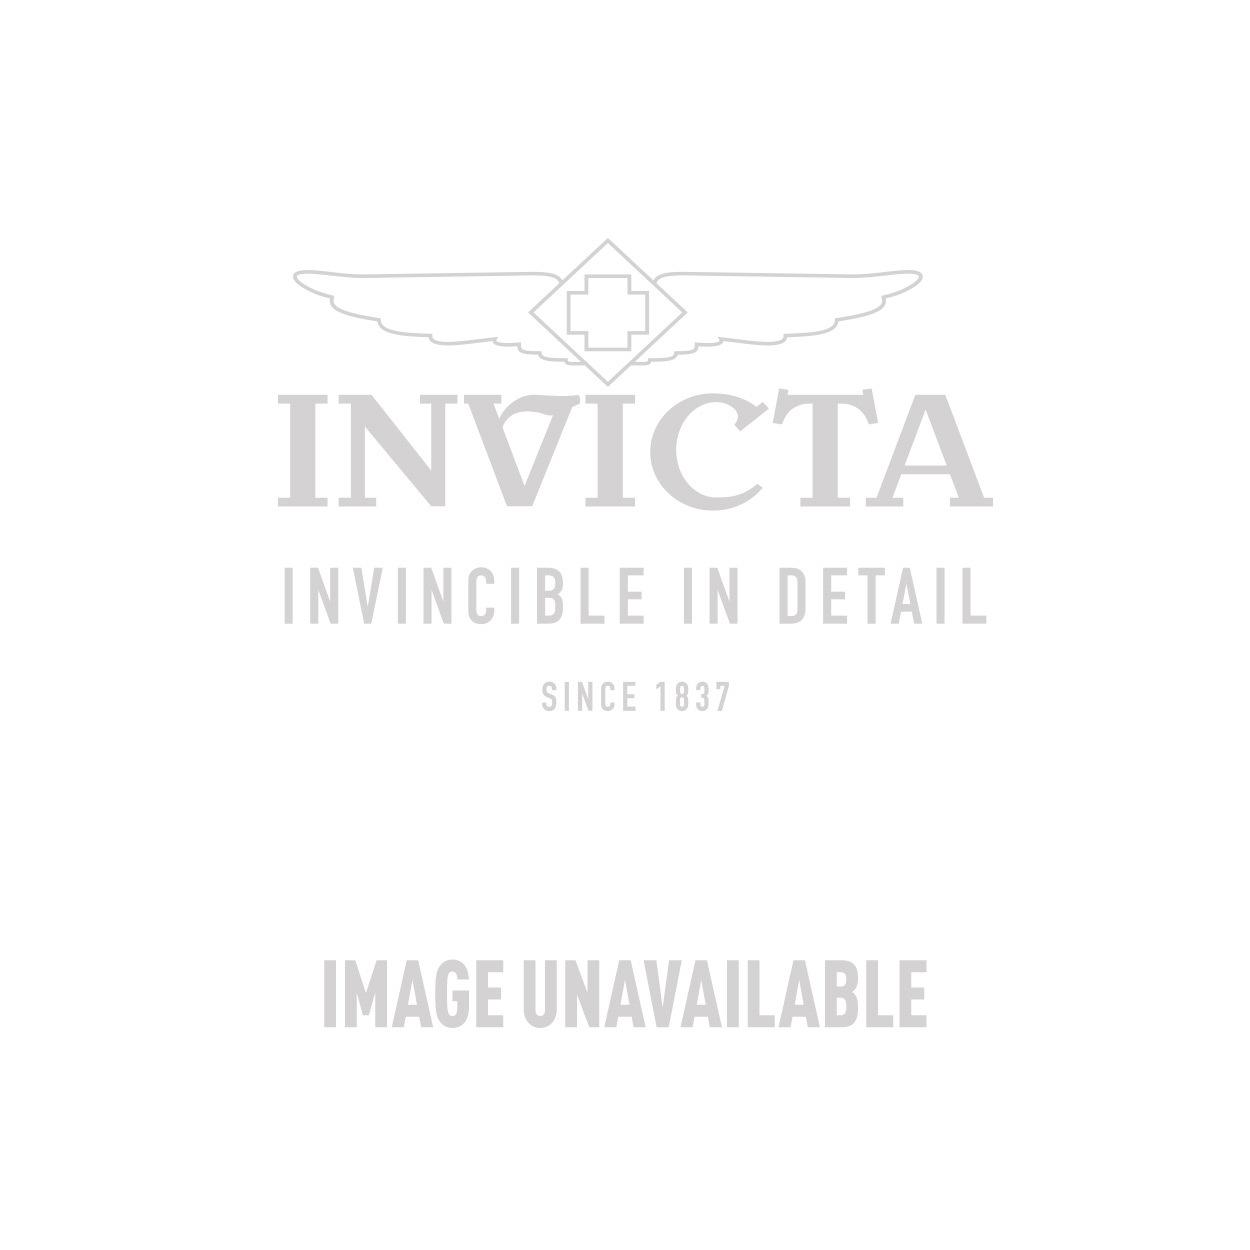 Invicta Model 27972